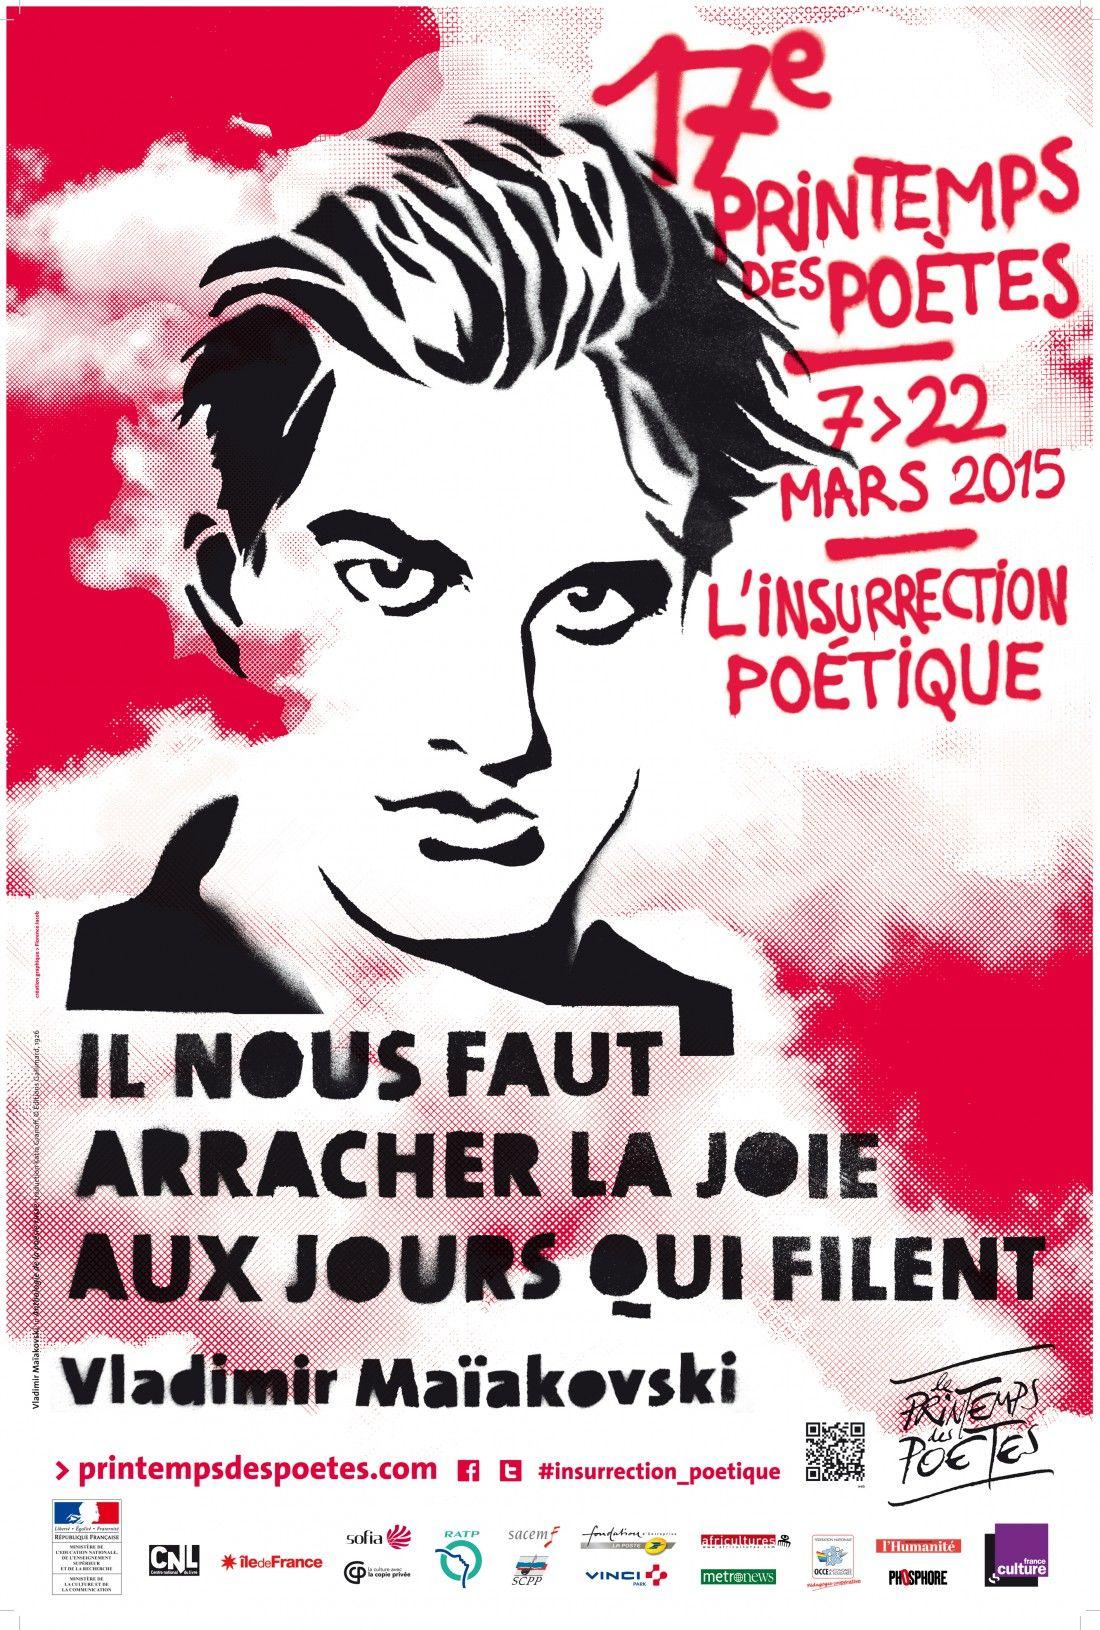 C Est Le Printemps Les Poetes Font De La Resistance Le Printemps Des Poetes Poetes Litterature